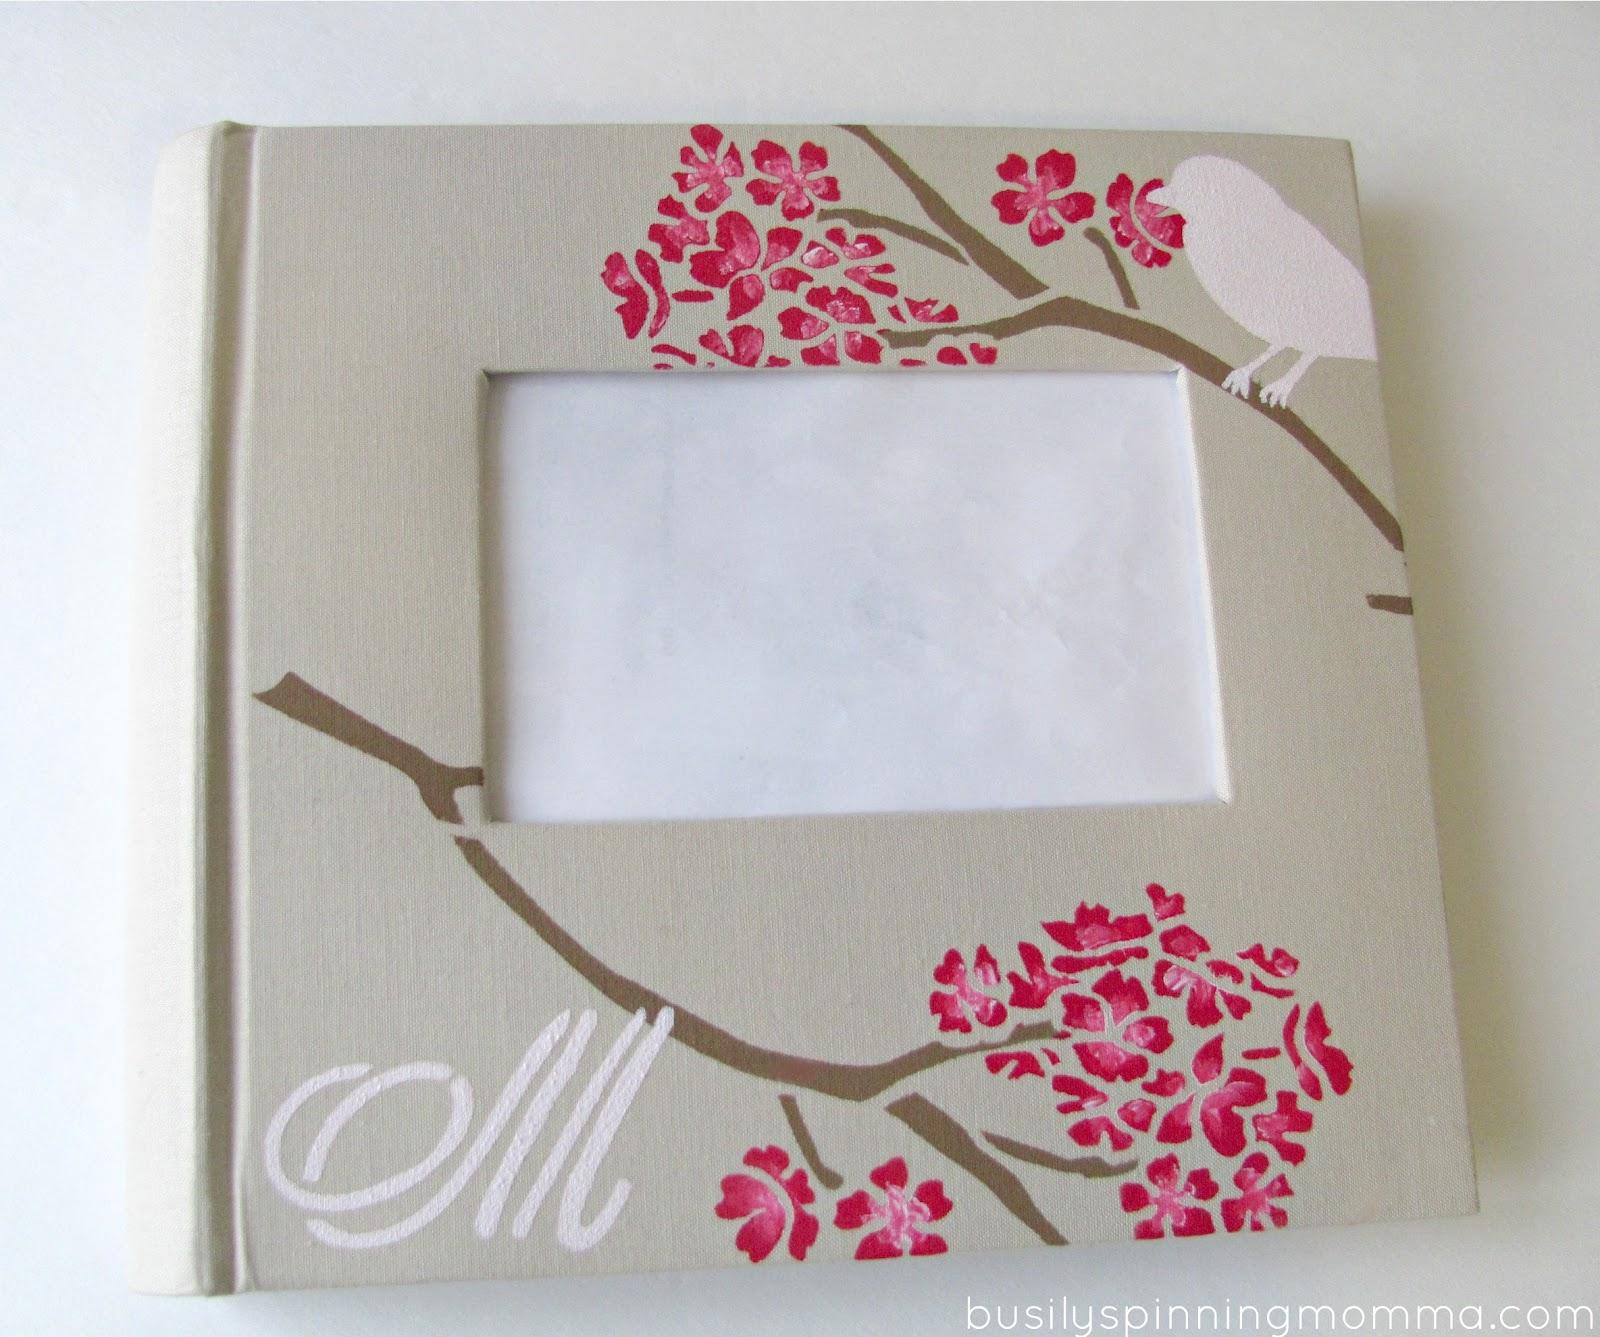 Как нарисовать маме подарок своими руками на день рождения